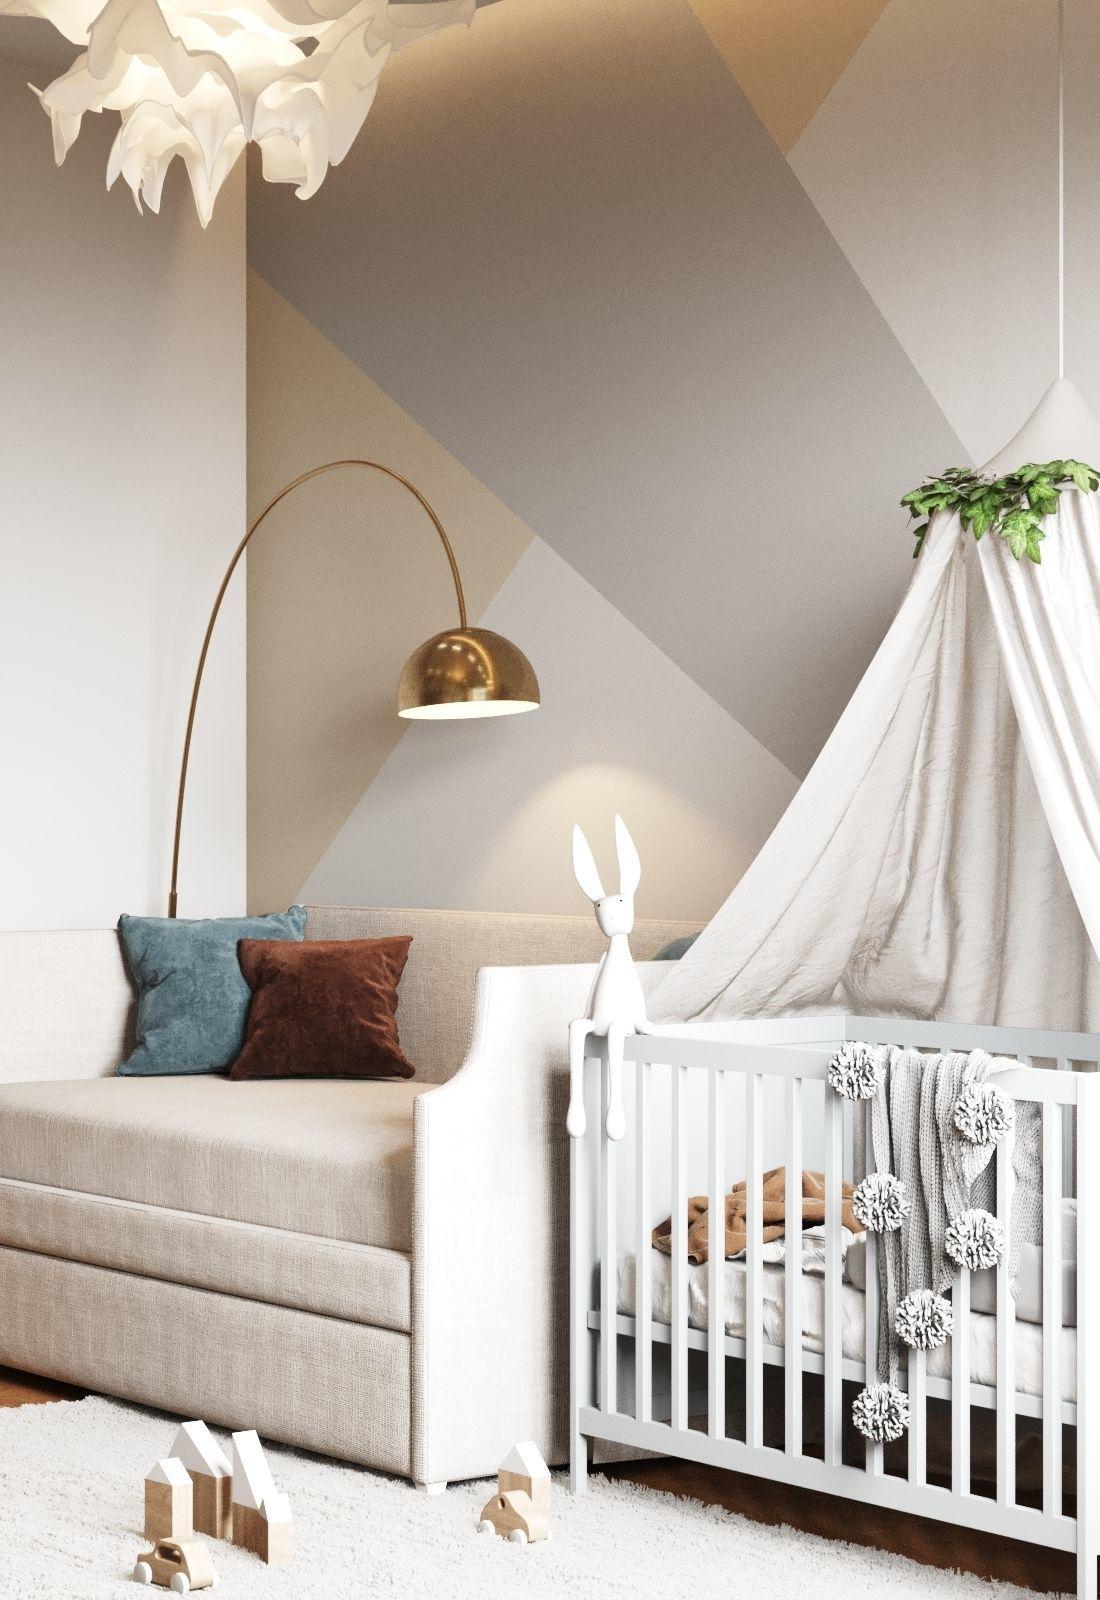 3d Room Interior Design: 3D Model Small Baby Room Interior Scene And Corona